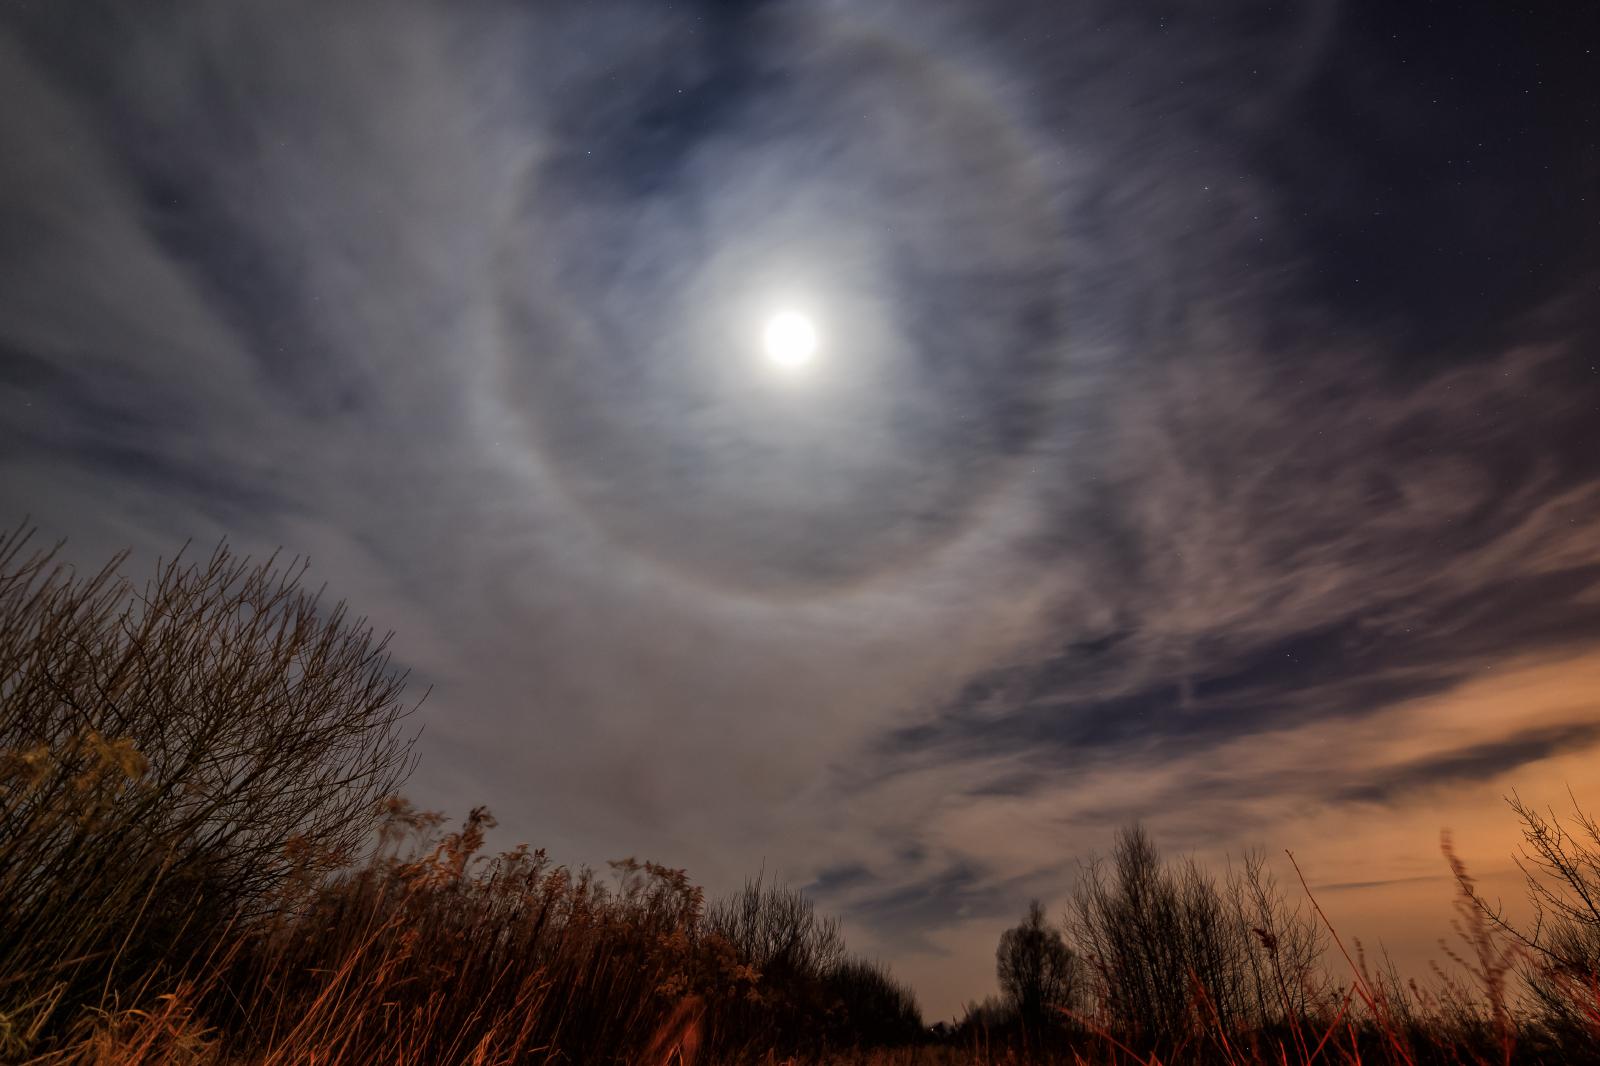 Moon+halo22.jpg